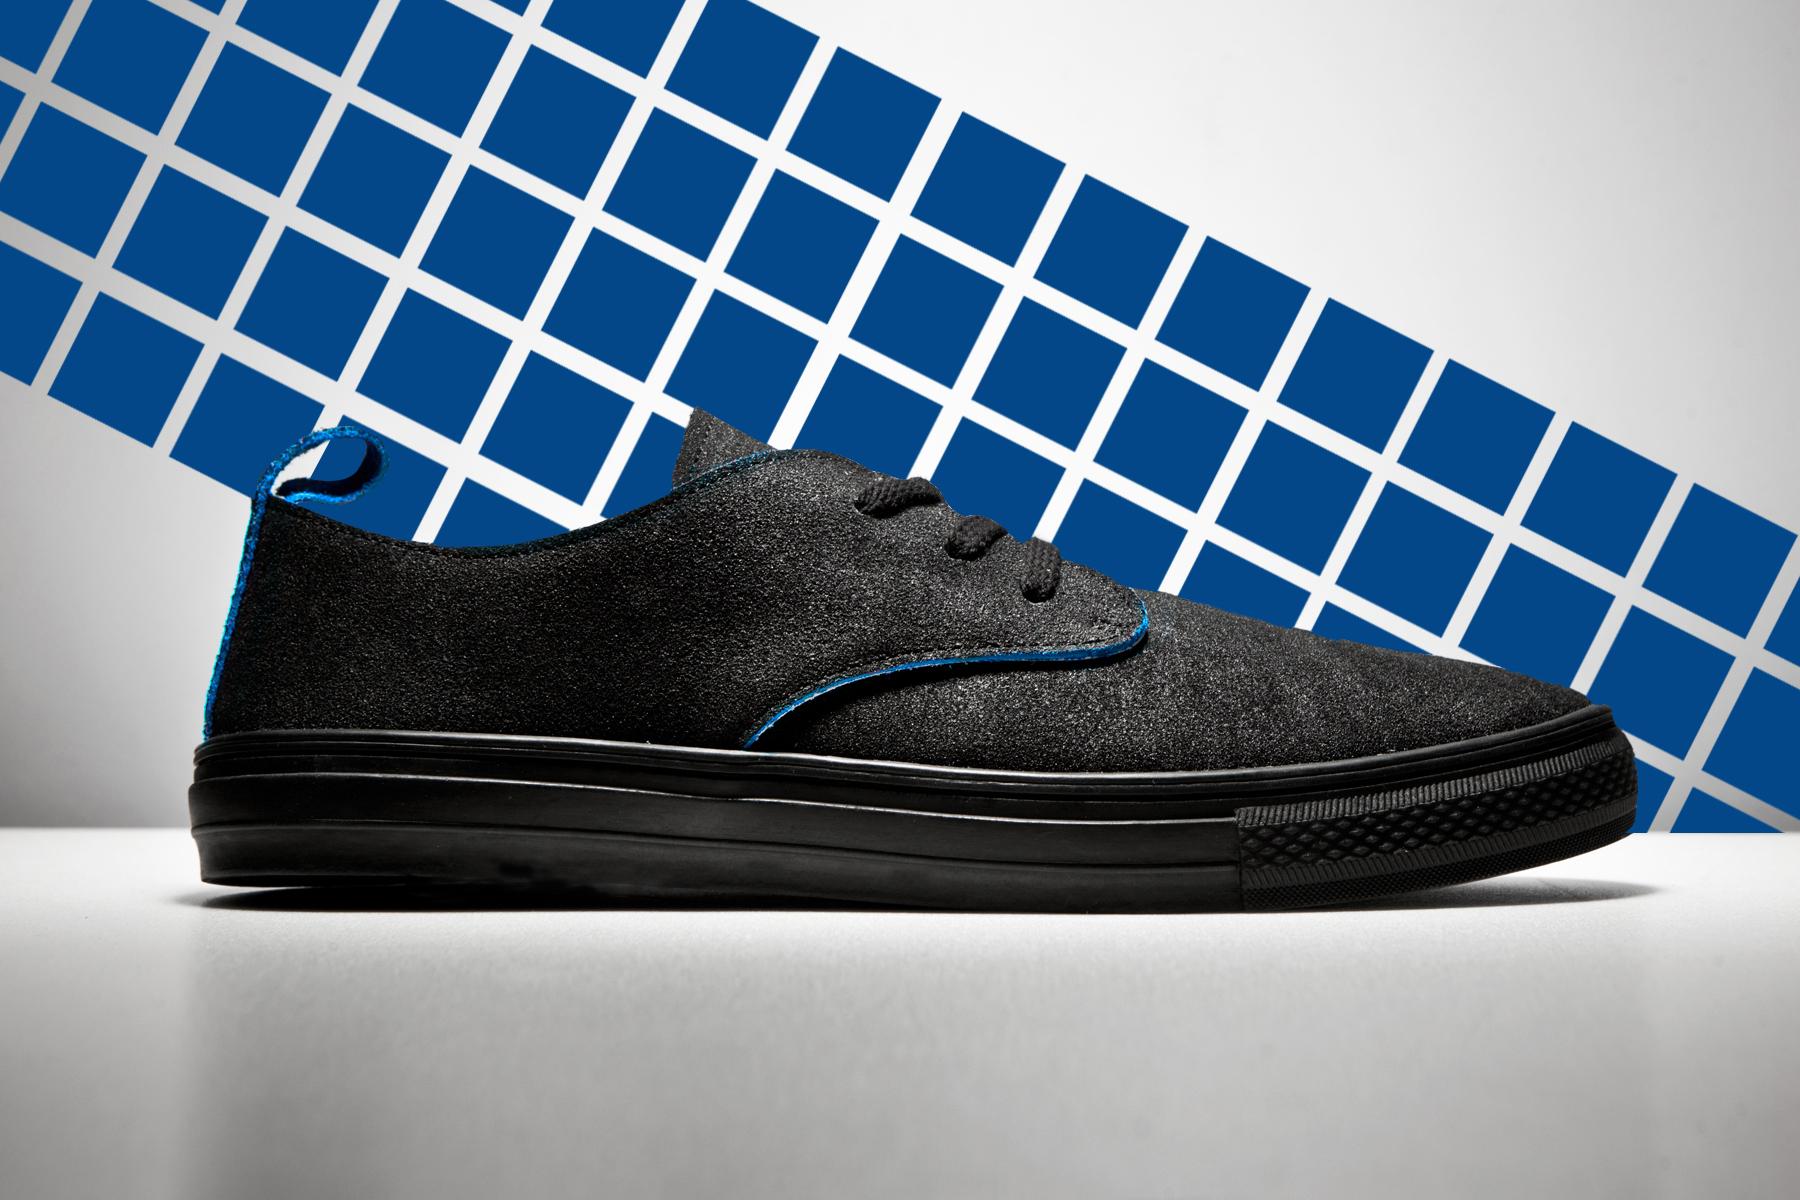 Buddy 2014 Corgi Low Mud Sneakers